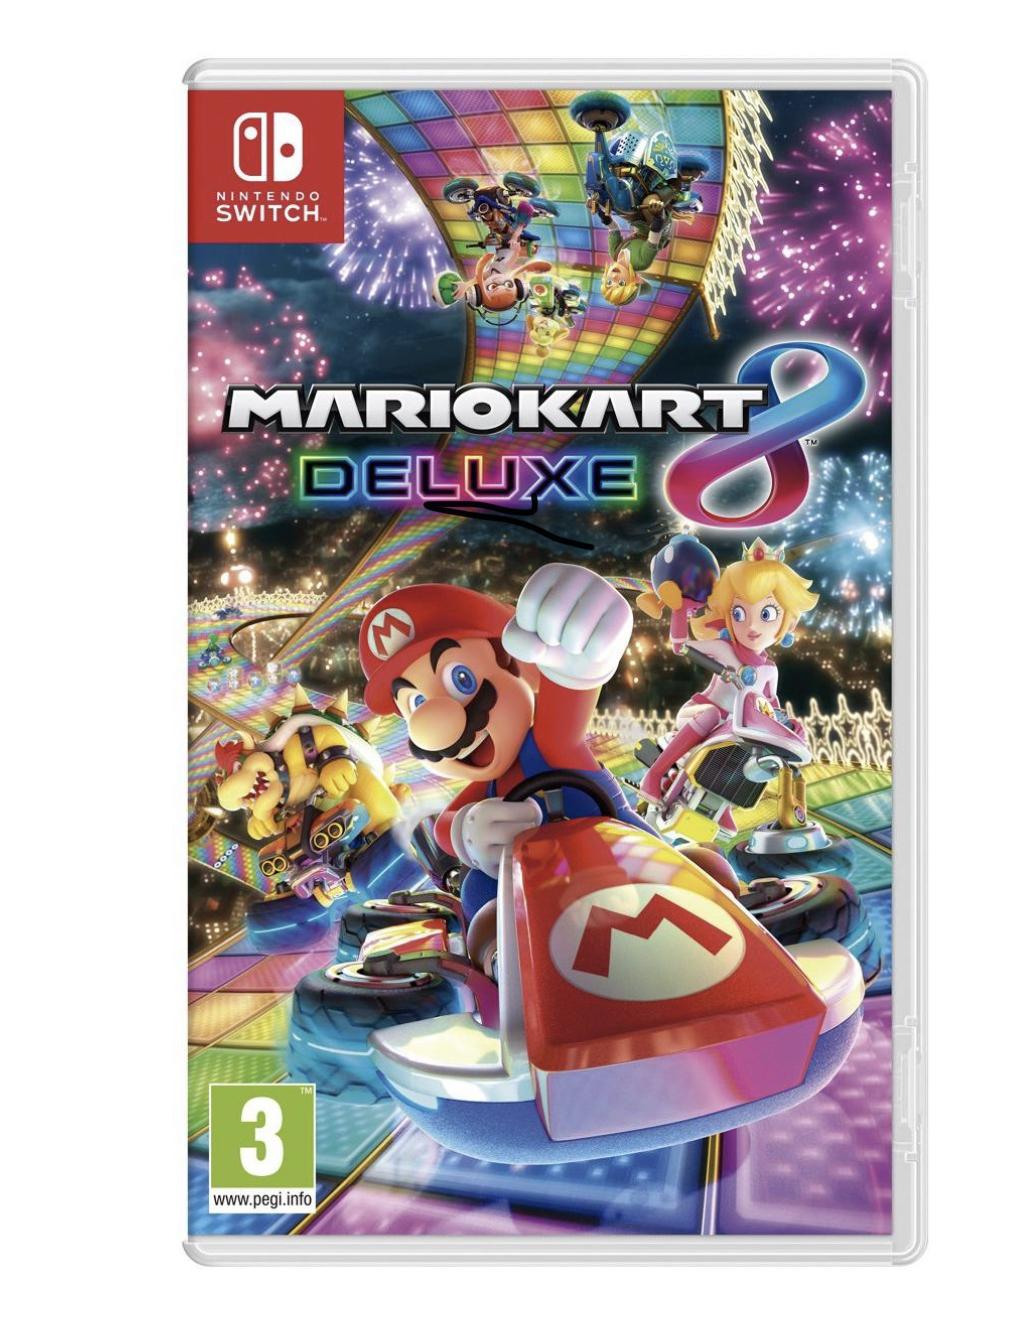 MARIO KART 8 DELUXE. Nintendo Switch